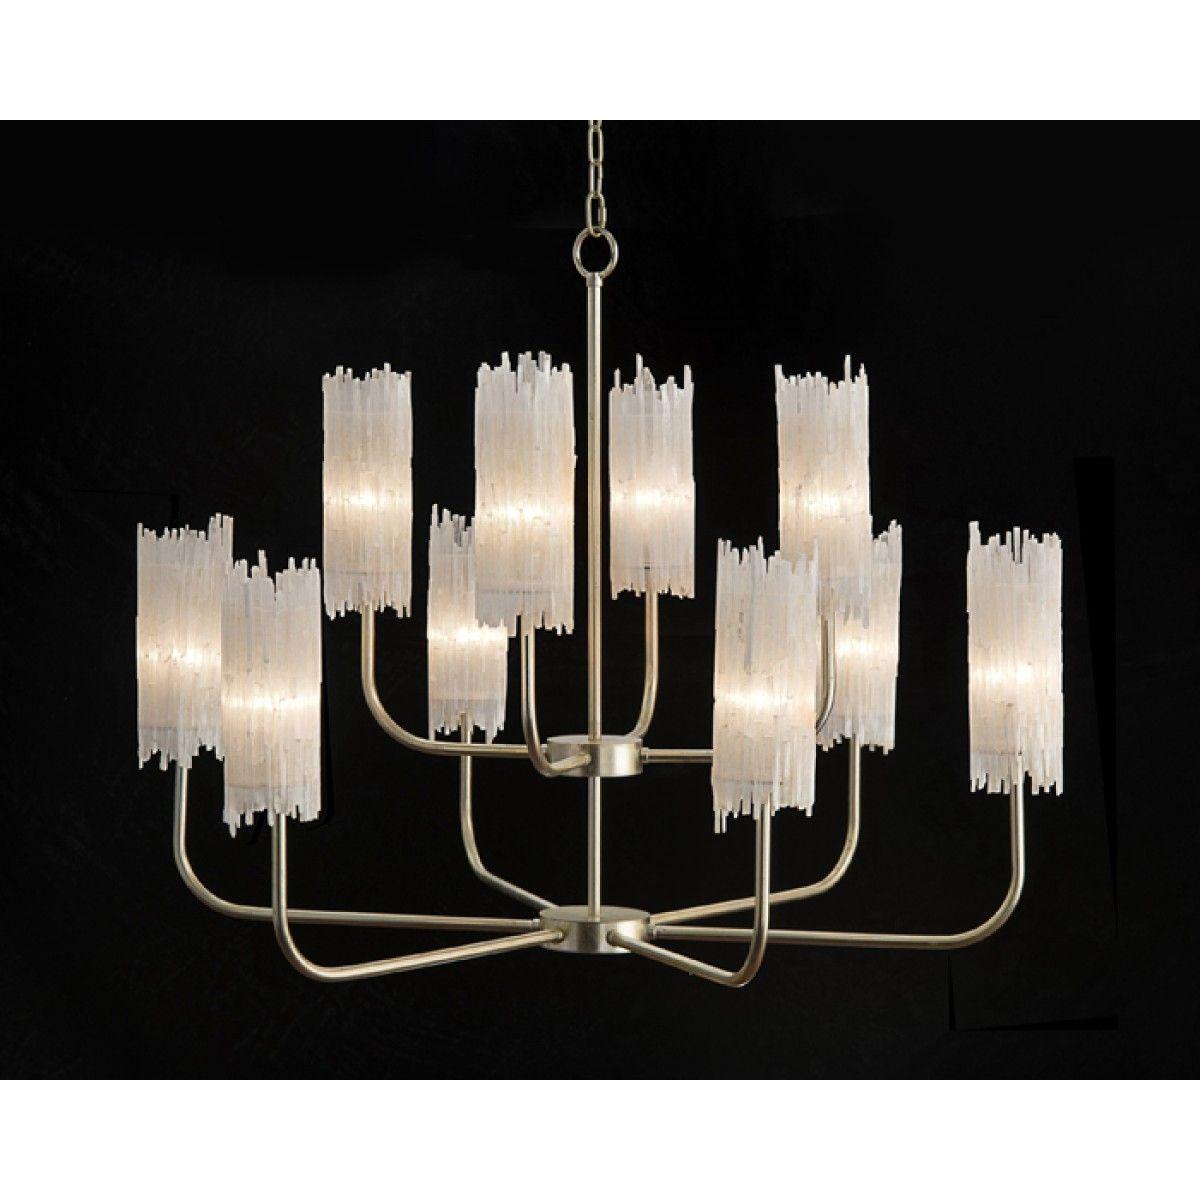 John richard natural selenite selenite chandelier hau main house john richard natural selenite selenite chandelier aloadofball Choice Image